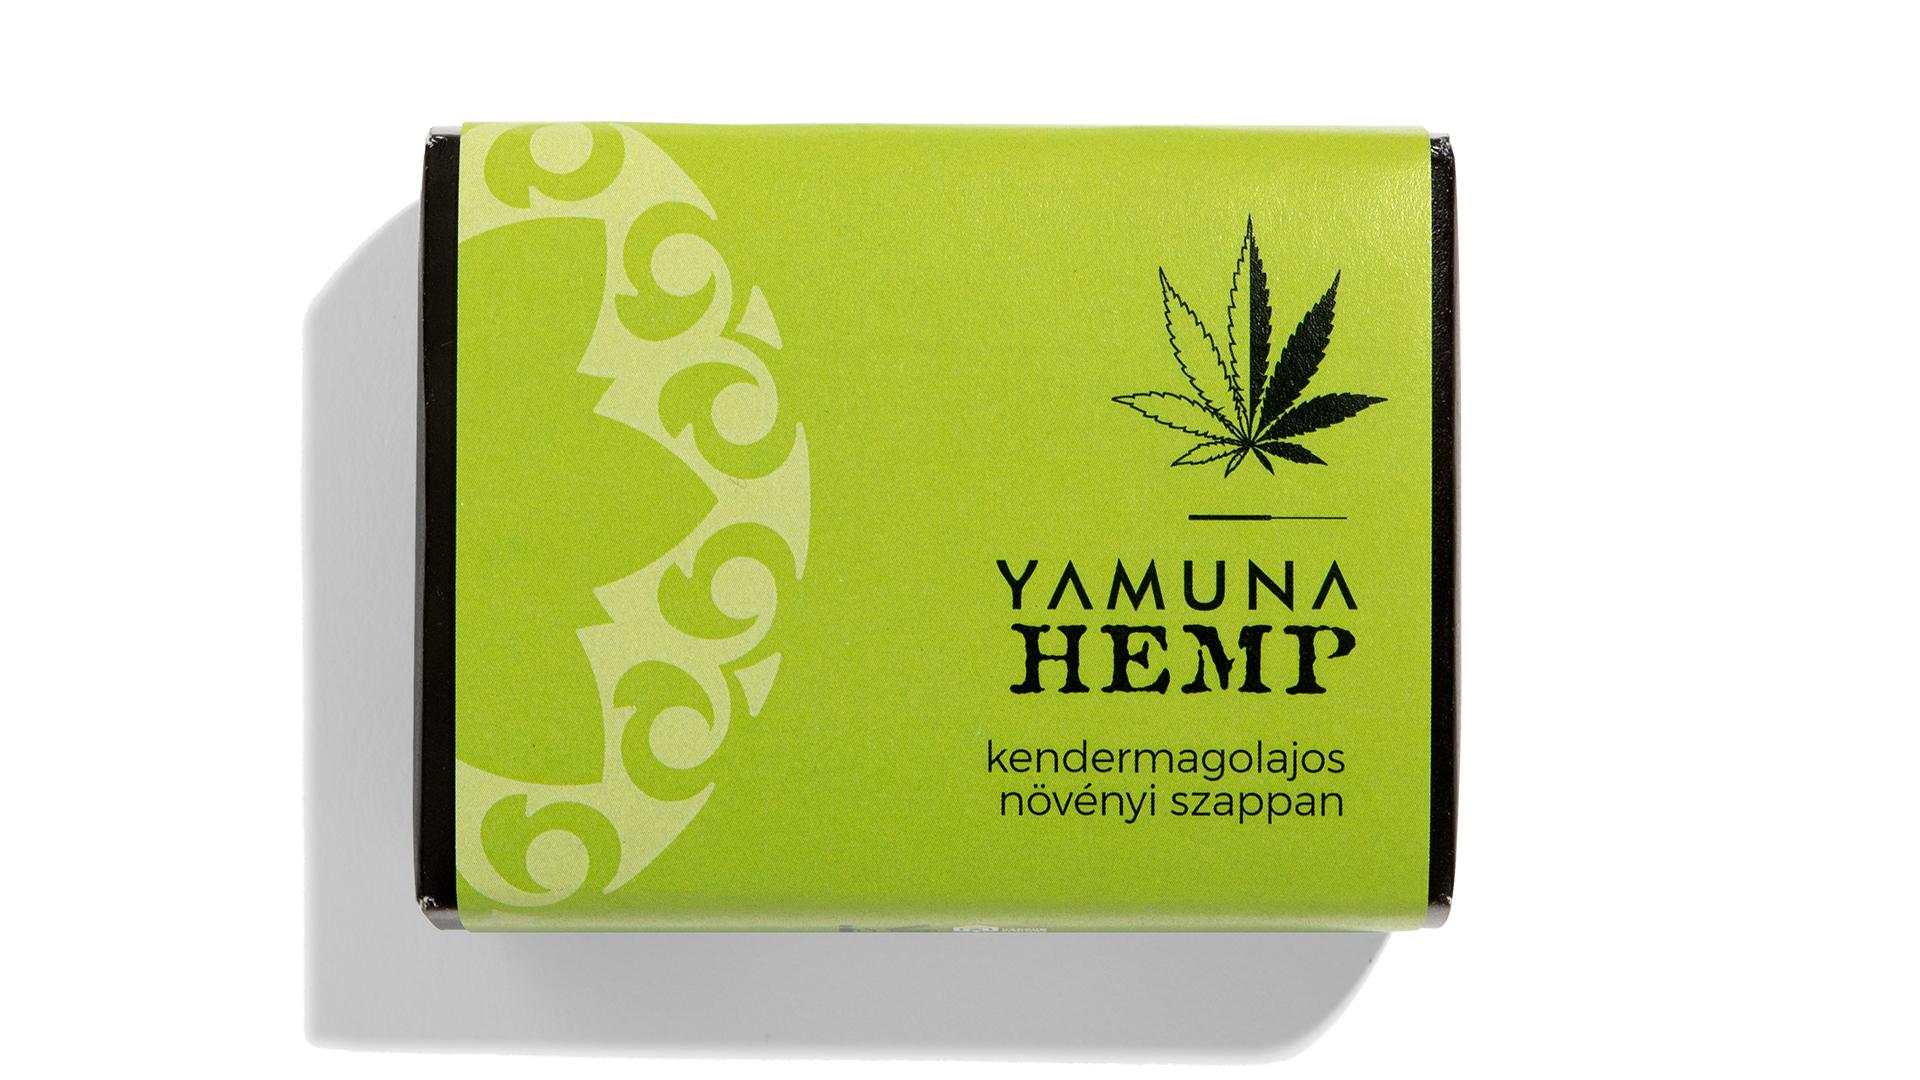 YAMUNA - HEMP Kendermagolajos növényi szappan